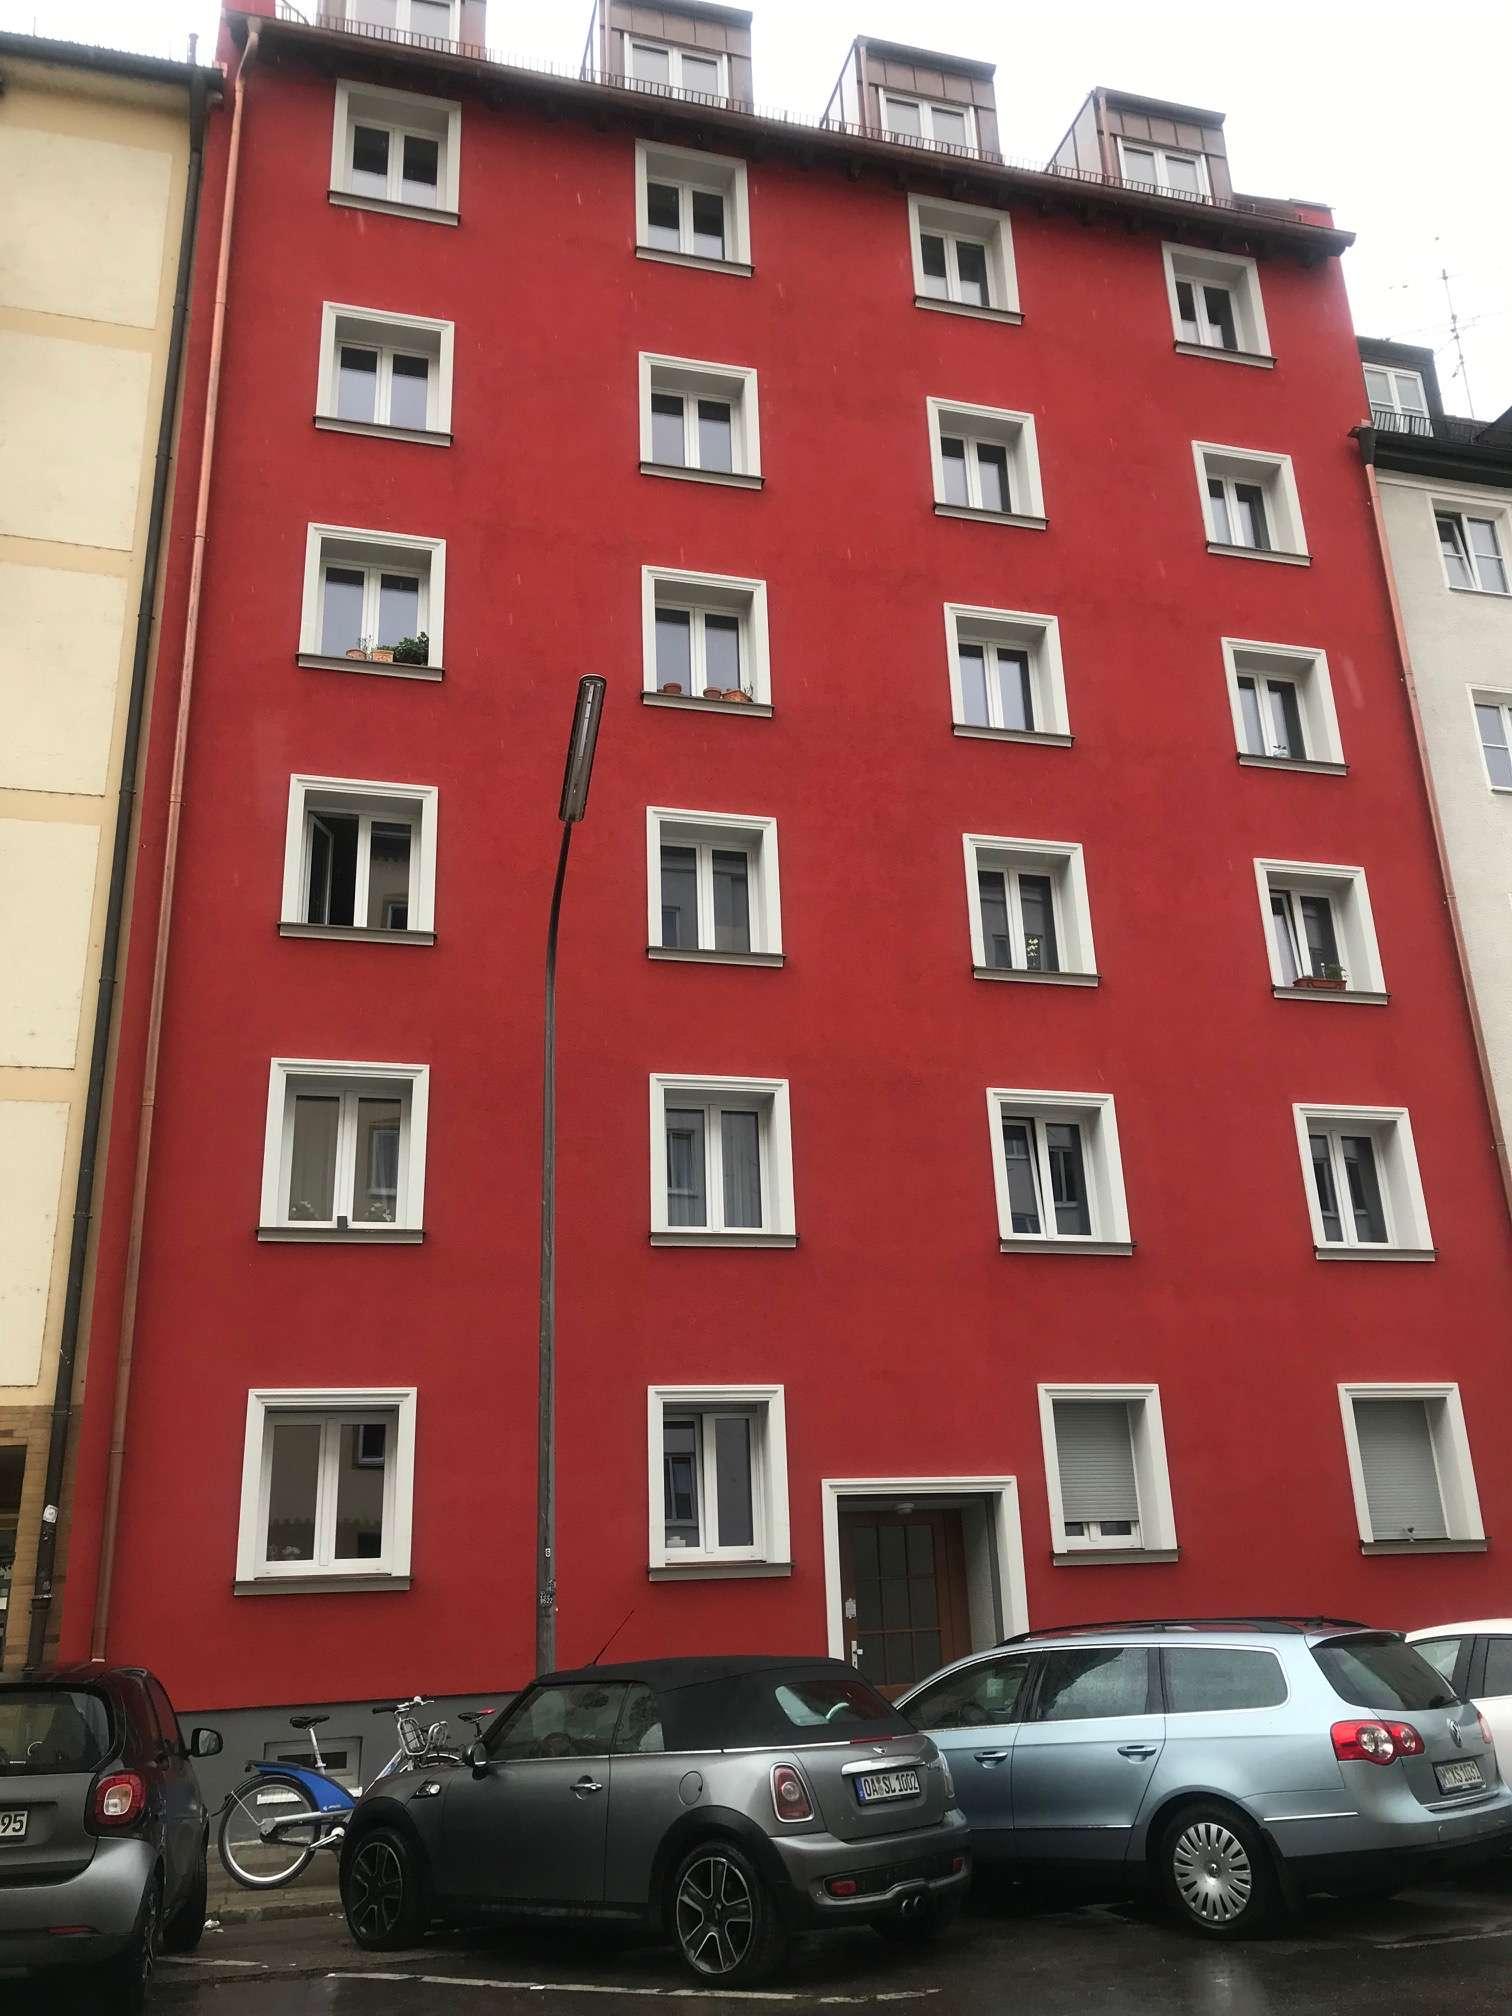 Isar:Neue großzügige  5-Zimmer Dachgeschoß-Maisonette-Wohnung mit nutzbarer Dachterrasse